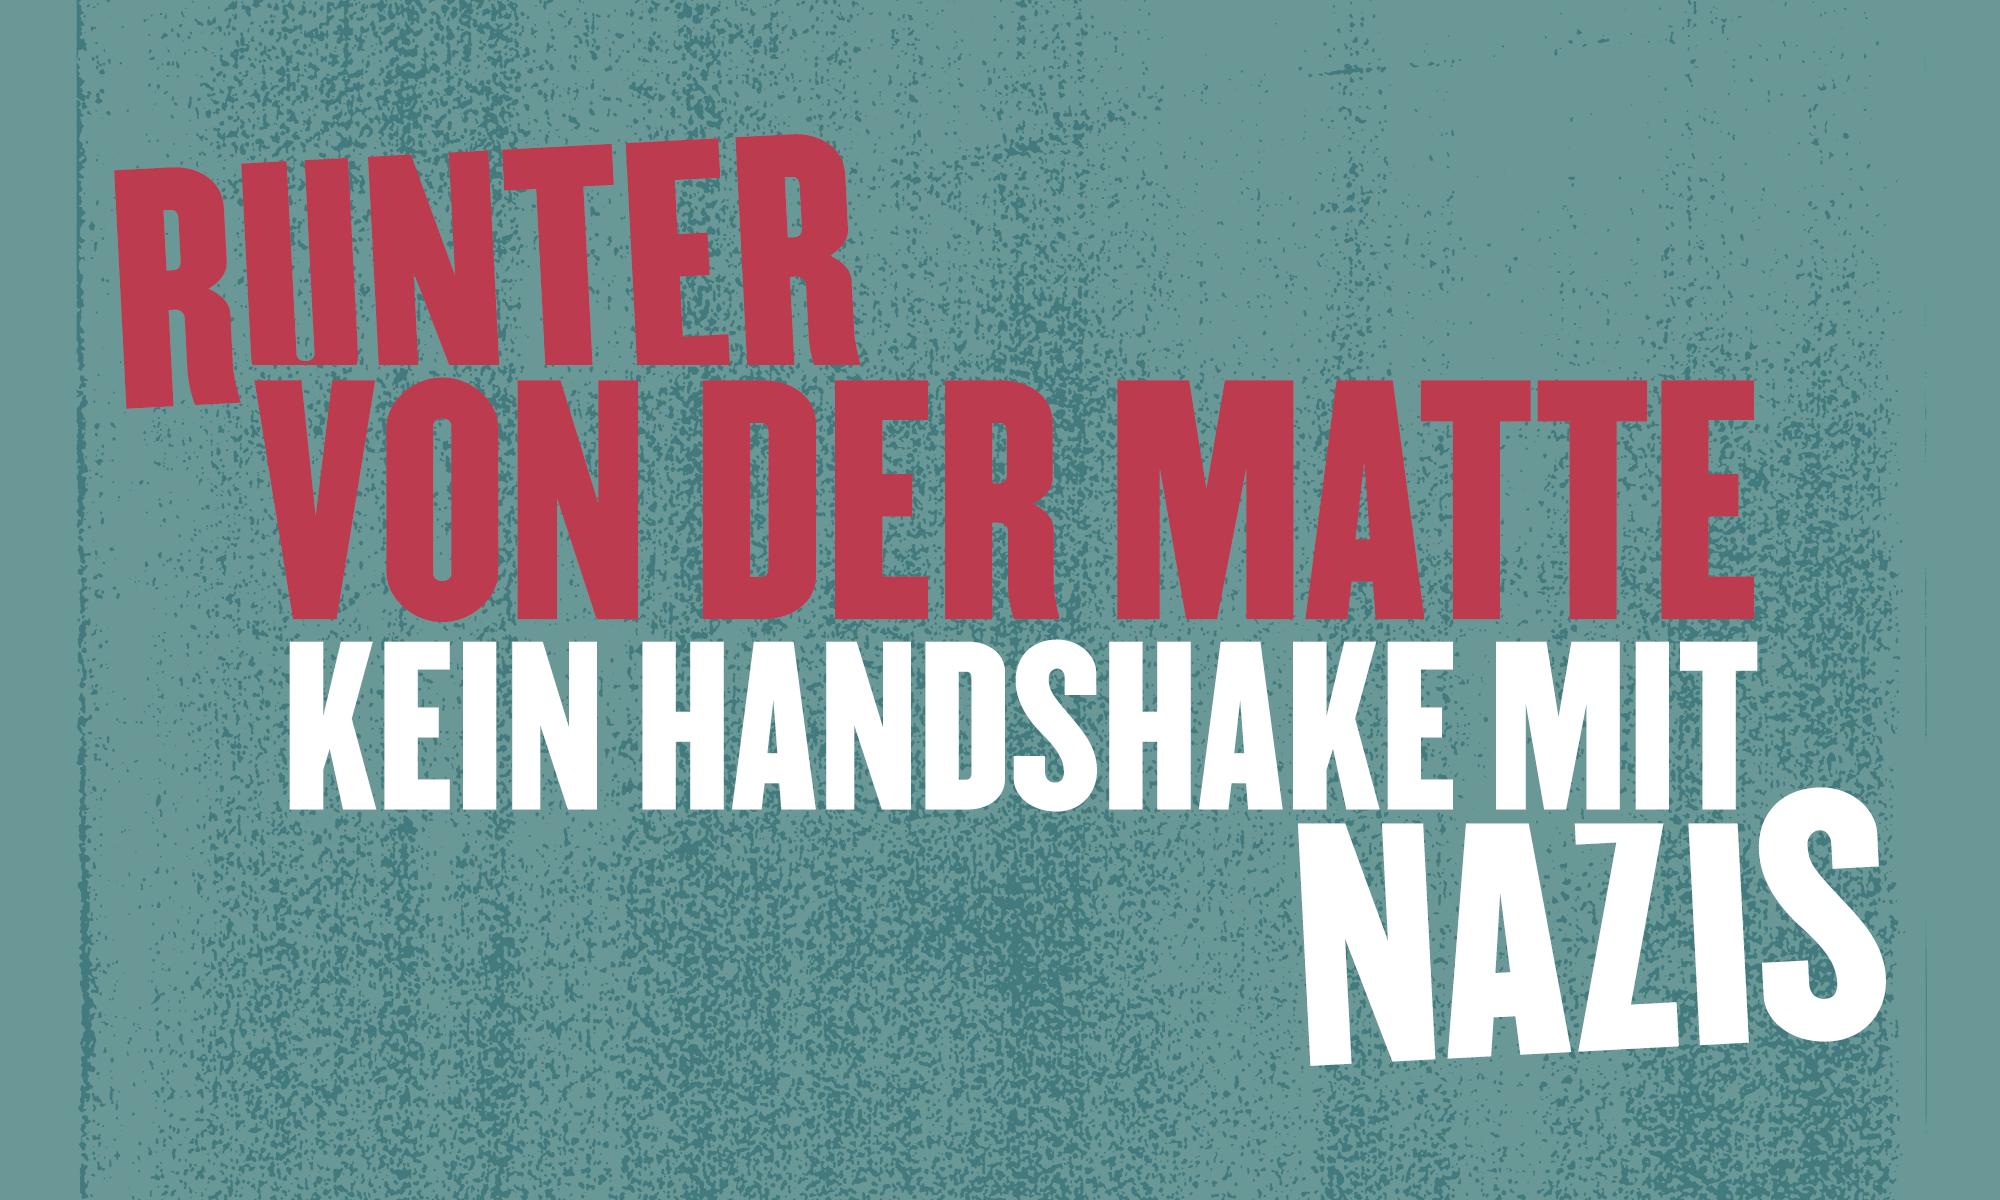 Runter von der Matte! – Kein Handshake mit Nazis